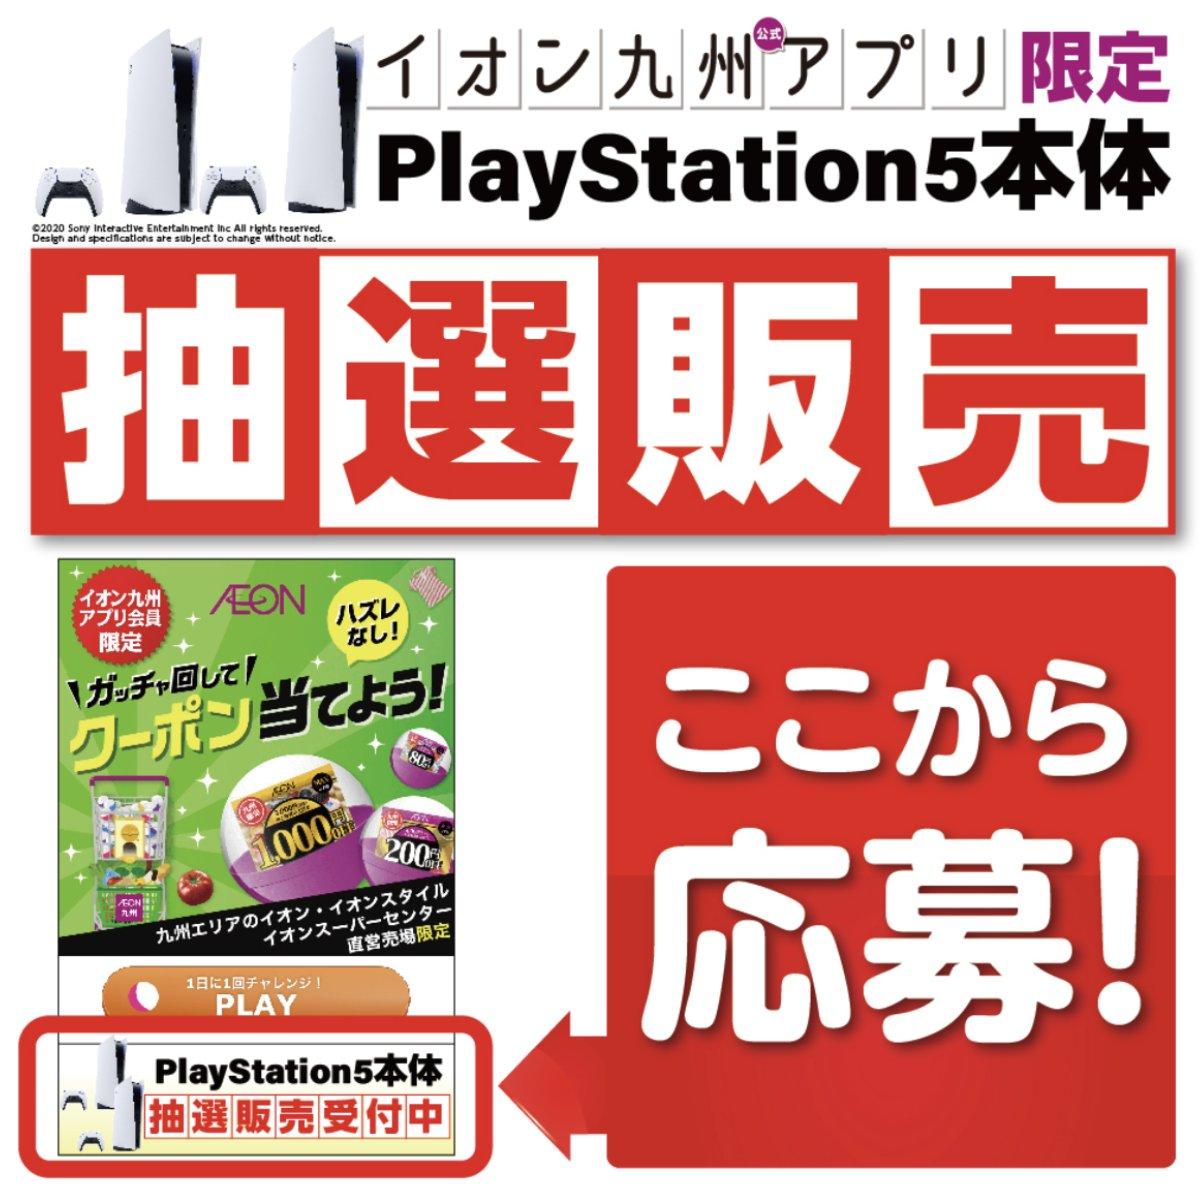 イオン九州、PS5の抽選結果を本日3月3日12時頃より発表